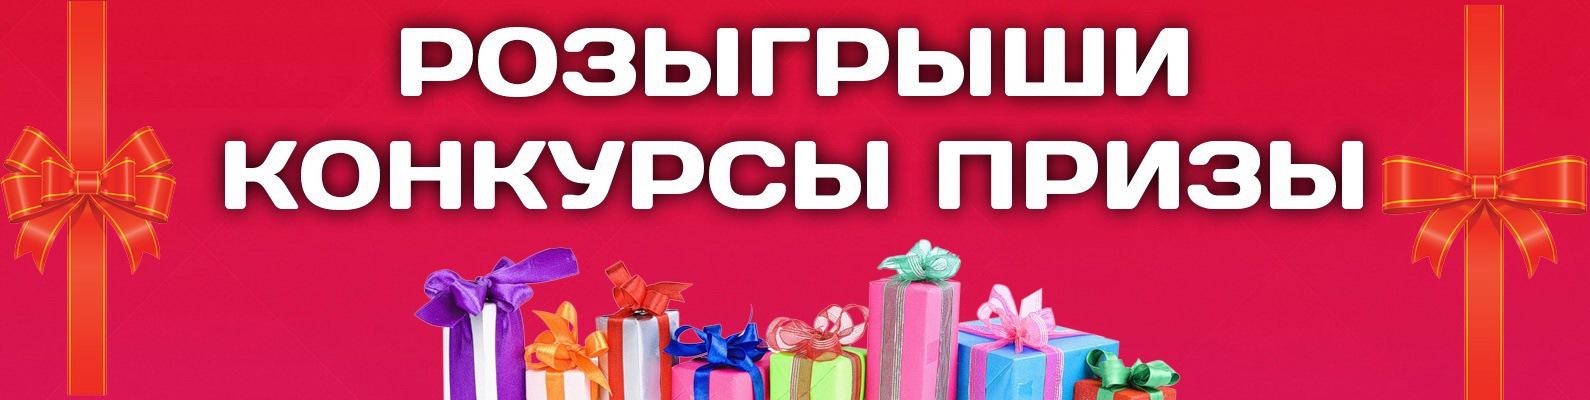 Подарки и призы для конкурсов